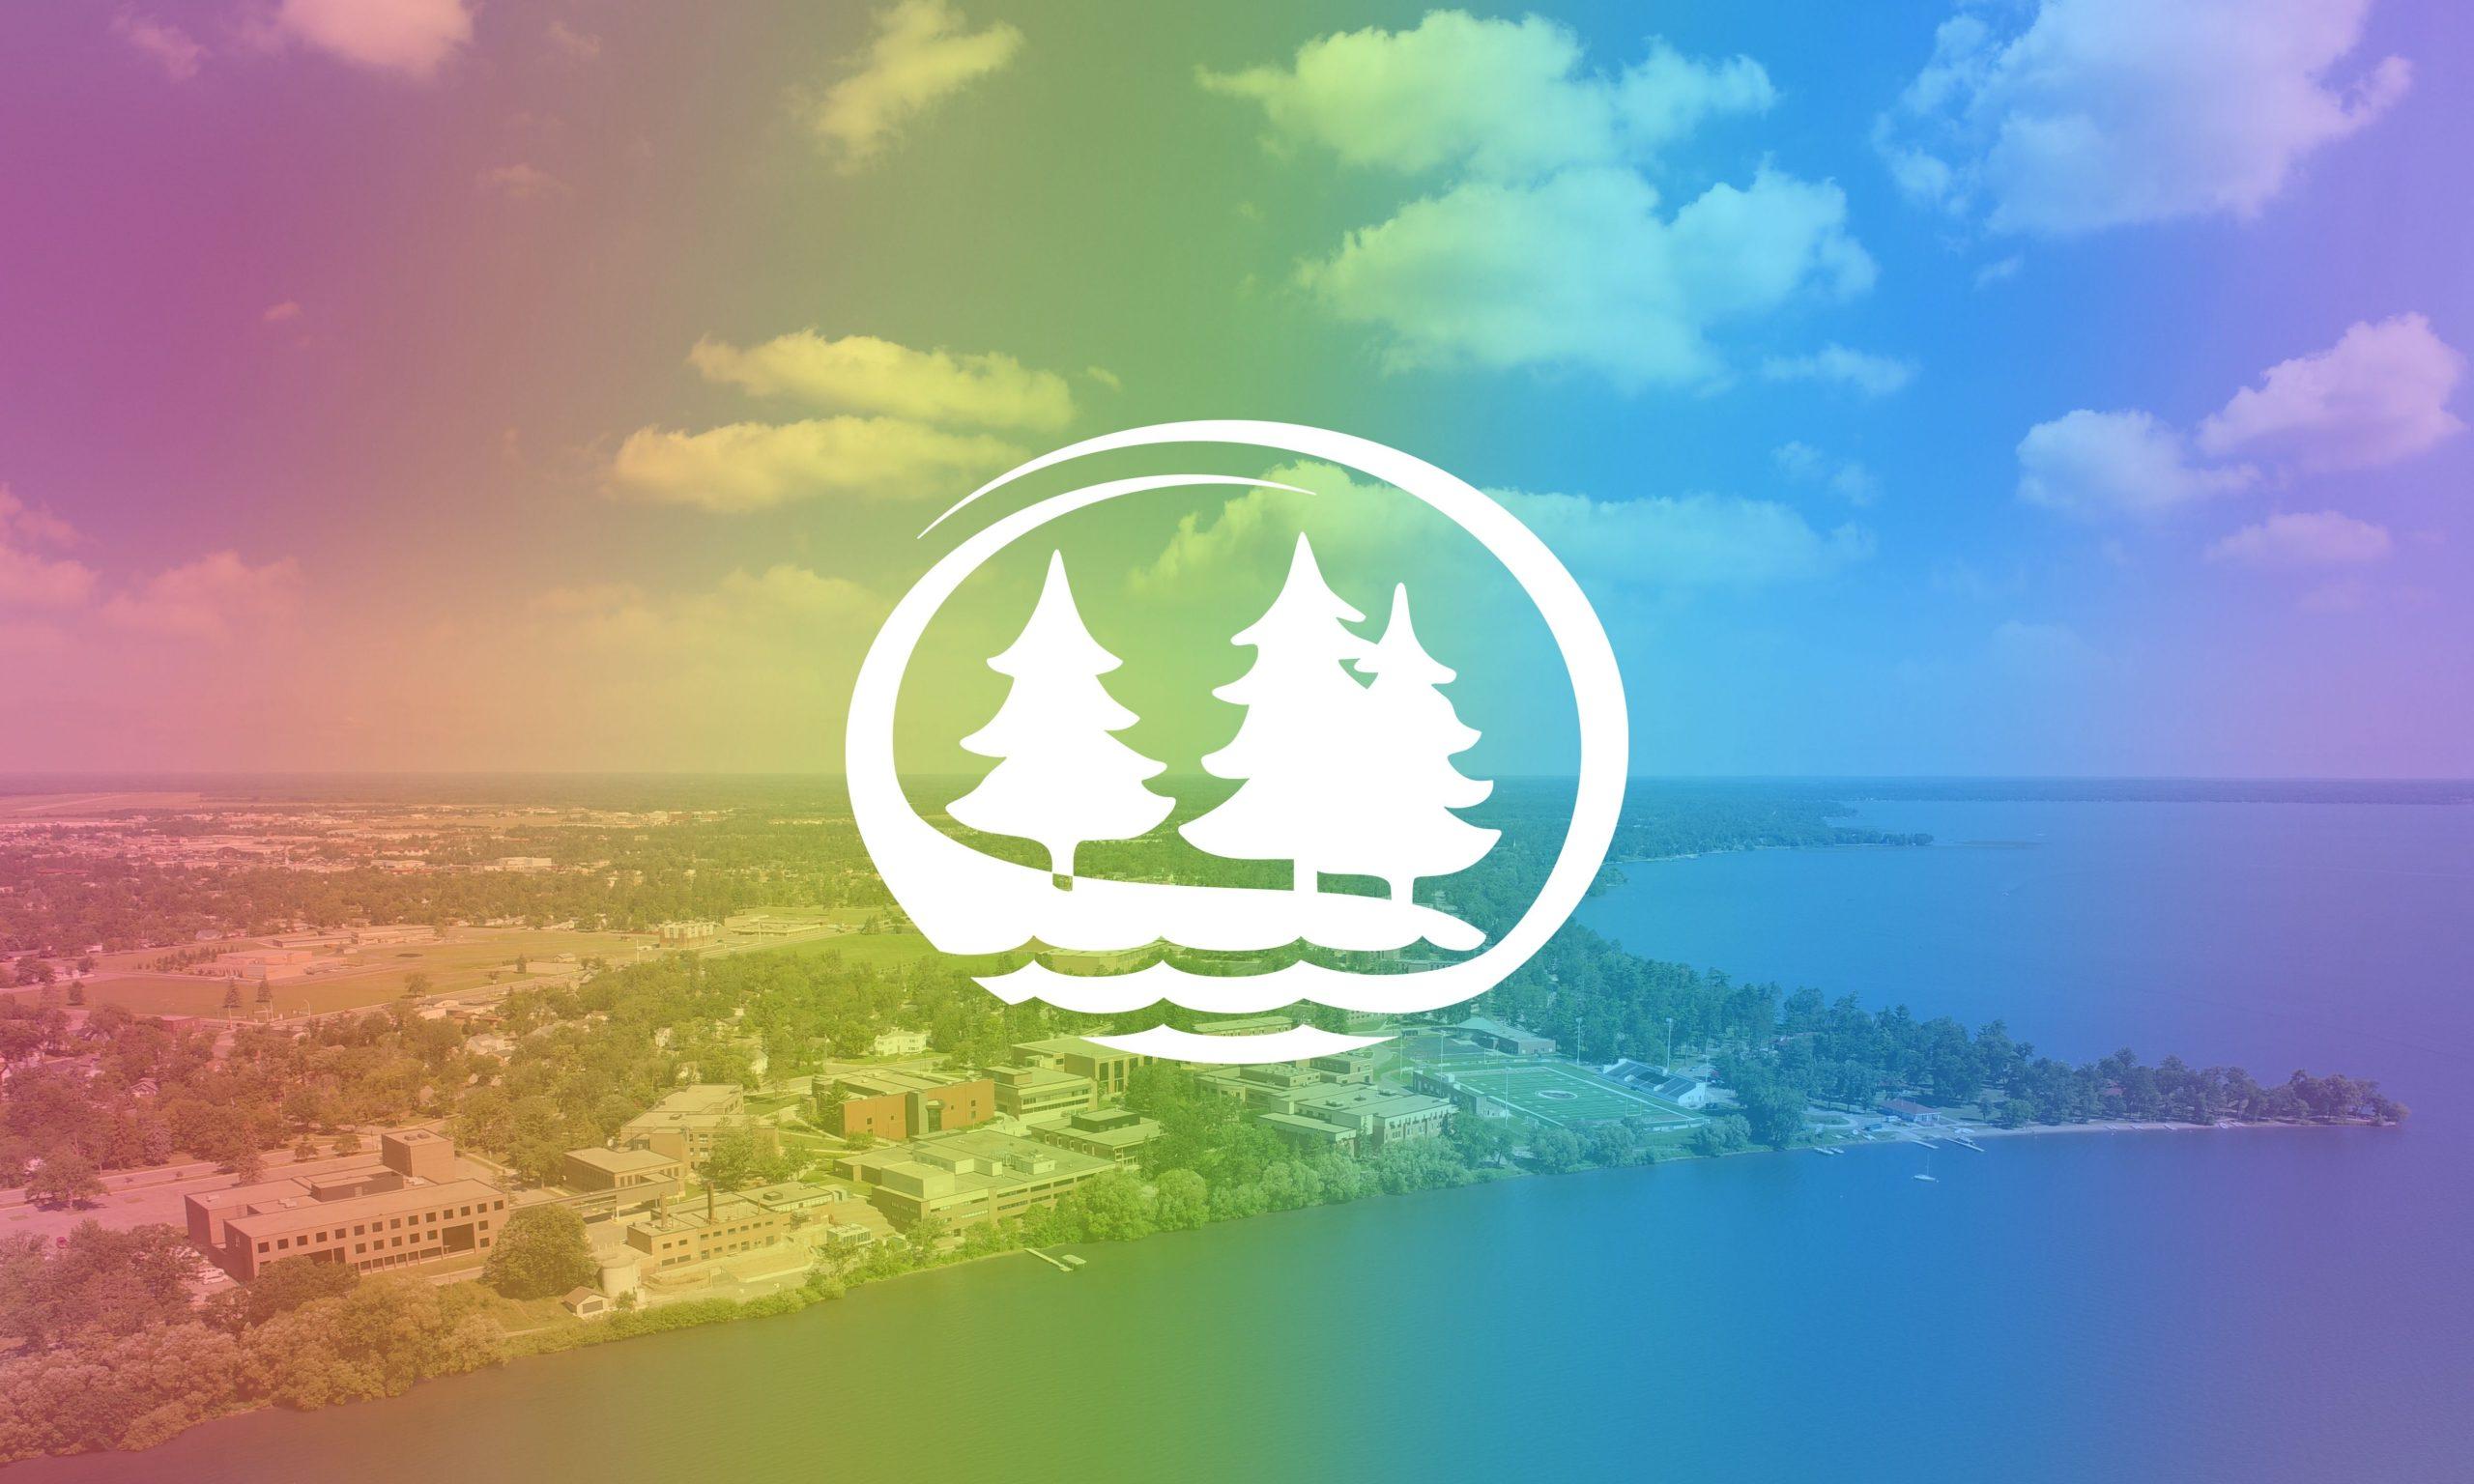 The BSU logo over a rainbow